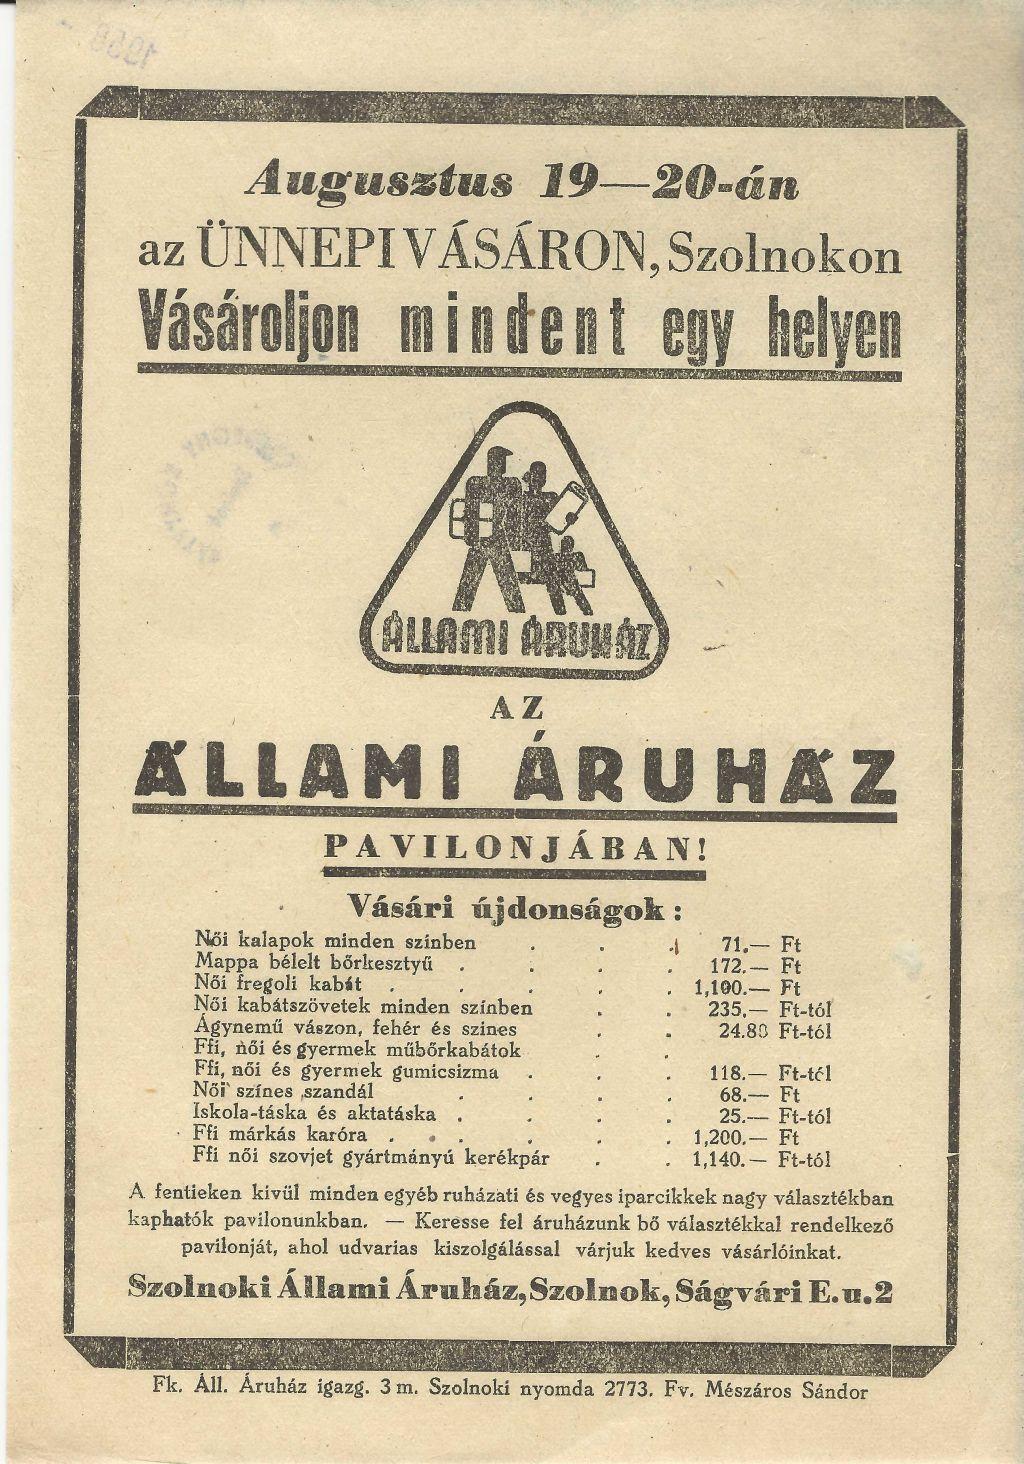 Ünnepi Vásár Szolnokon 1958. augusztus 19-20. között az Állami Áruház pavilonjában